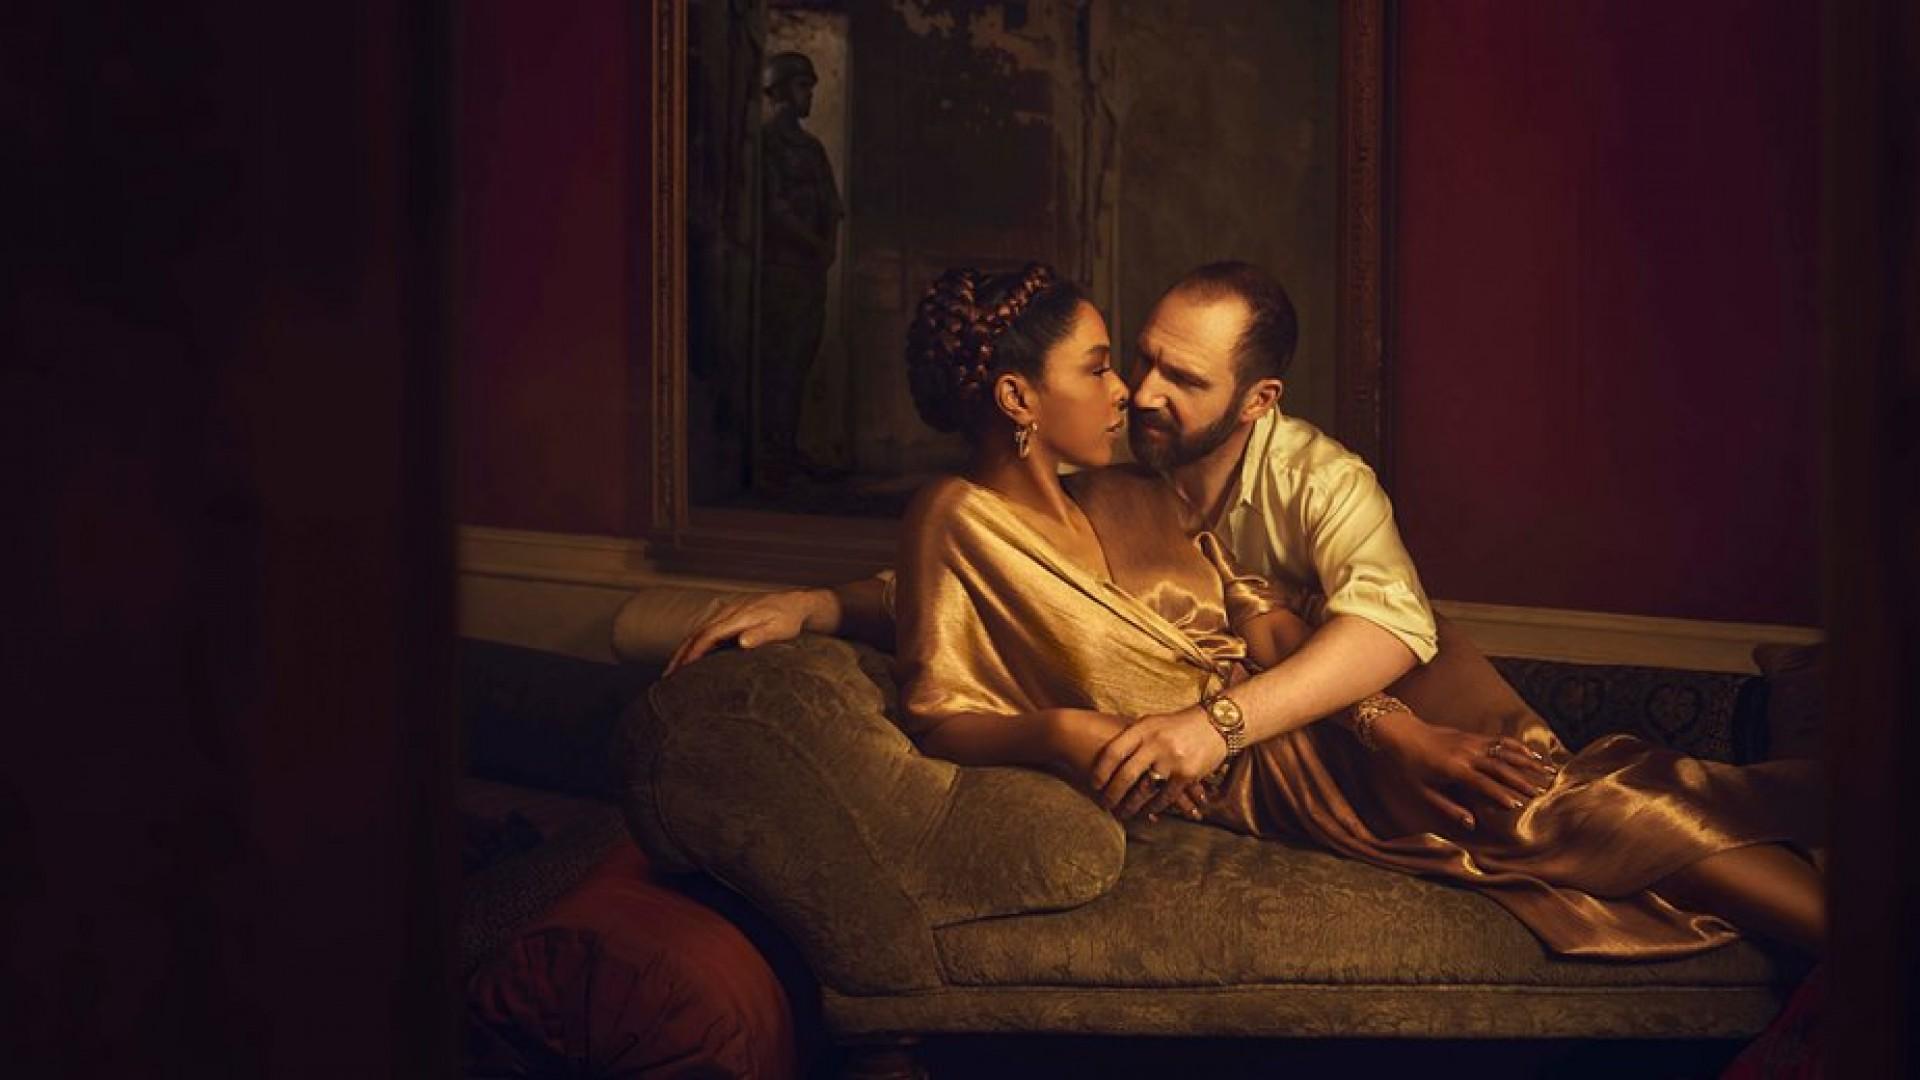 NTL: Antonio y Cleopatra